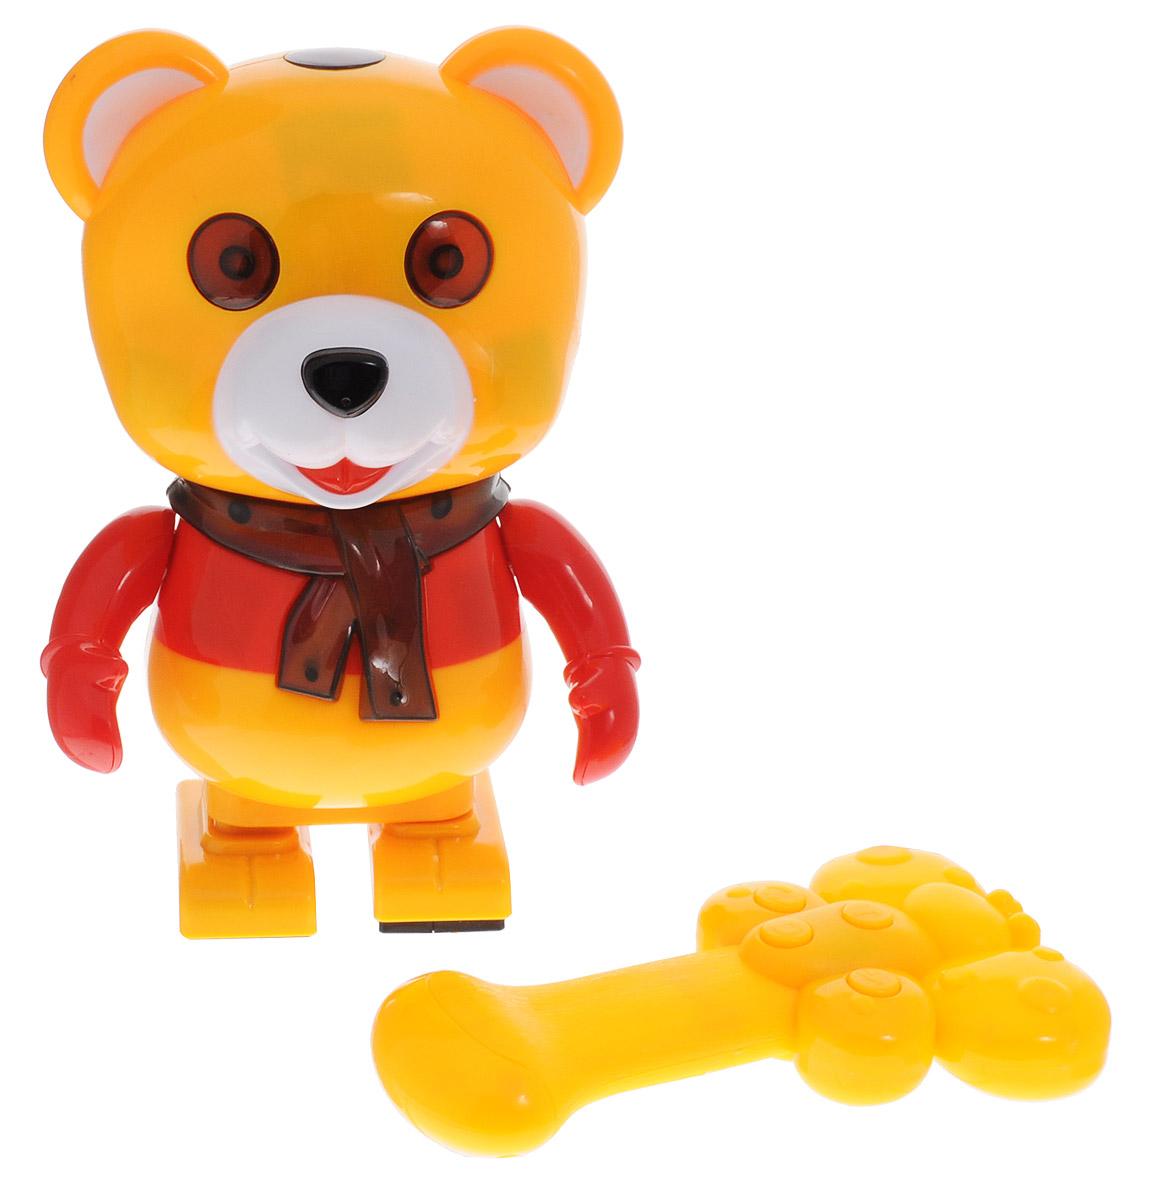 Tongde Интерактивная игрушка Медвежонок СэммиT42-D166/2084Интерактивная игрушка Tongde Медвежонок Сэмми обязательно понравится вашему малышу. Игрушка способствует развитию моторики, памяти и слухового восприятия. Сэмми реагирует на прикосновения, если потрогать его голову, ушки, щеки, животик, бока и хвост. Двигается под музыку, произносит фразы. Если дотронуться до головы, он скажет - Ай, это же моя голова, а не футбольный мячик! До щек - Здесь я прячу еду - не трогай. До боков - Ой, щекотно-щекотно! Ха-Ха! До живота - Ай, больно ведь, я же не деревянный! До хвоста - Ай! Не оторви мой хвостик! Медвежонок работает от пульта управления (стоп/движение под песню, движение вперед, сказки, поворот на 360 градусов). Для работы медвежонка необходимо купить 3 батарейки типа АА (не входят в комплект). Для работы пульта управления необходимо купить 2 батарейки типа АА (не входят в комплект).